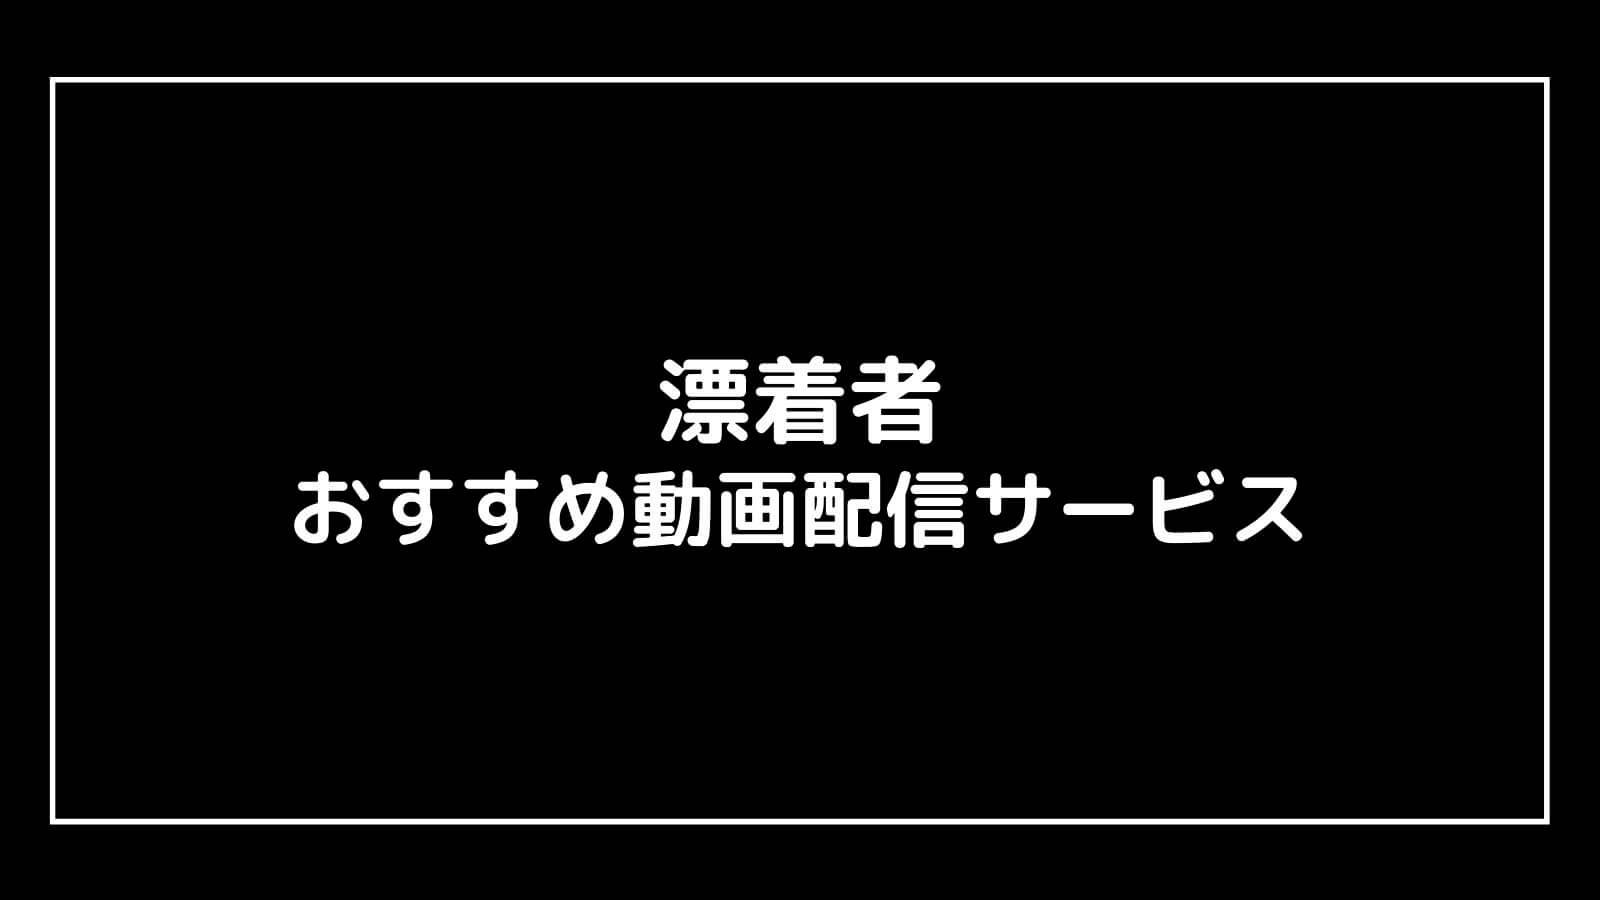 『漂着者』の見逃し配信を無料視聴できるおすすめ動画配信サイト【斎藤工・白石麻衣】